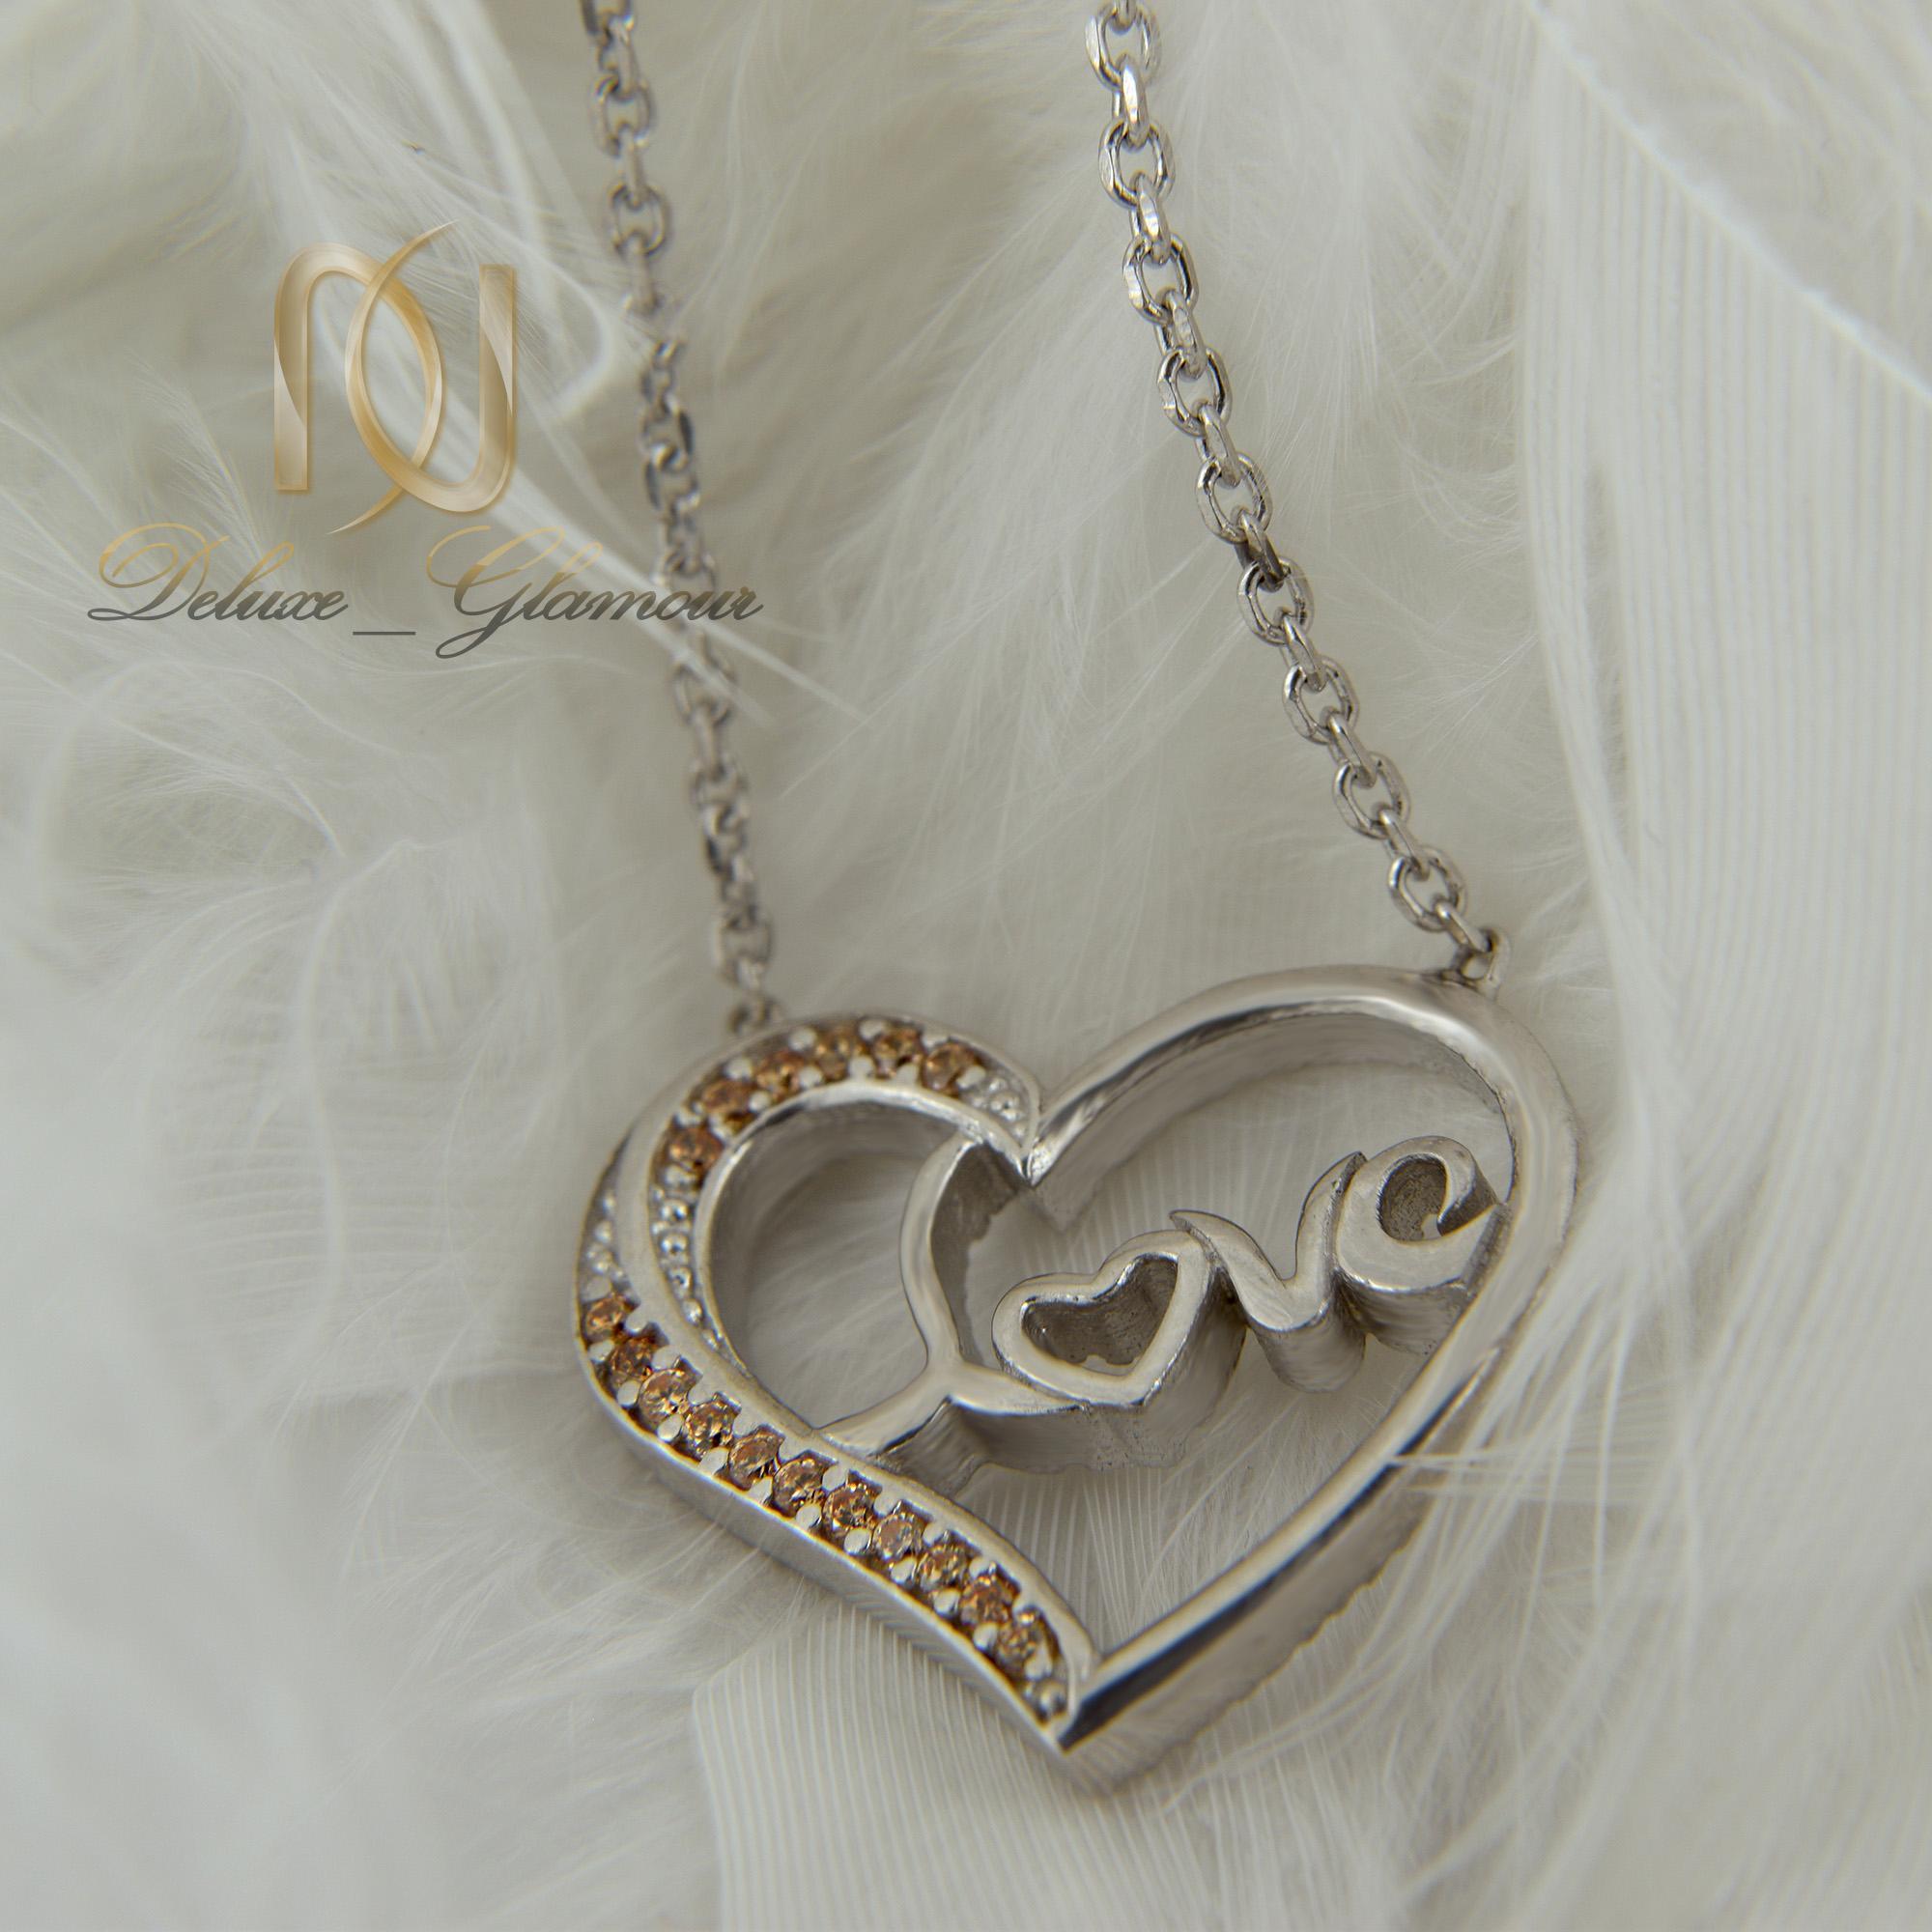 گردنبند دخترانه نقره طرح قلب nw-n413 (1)